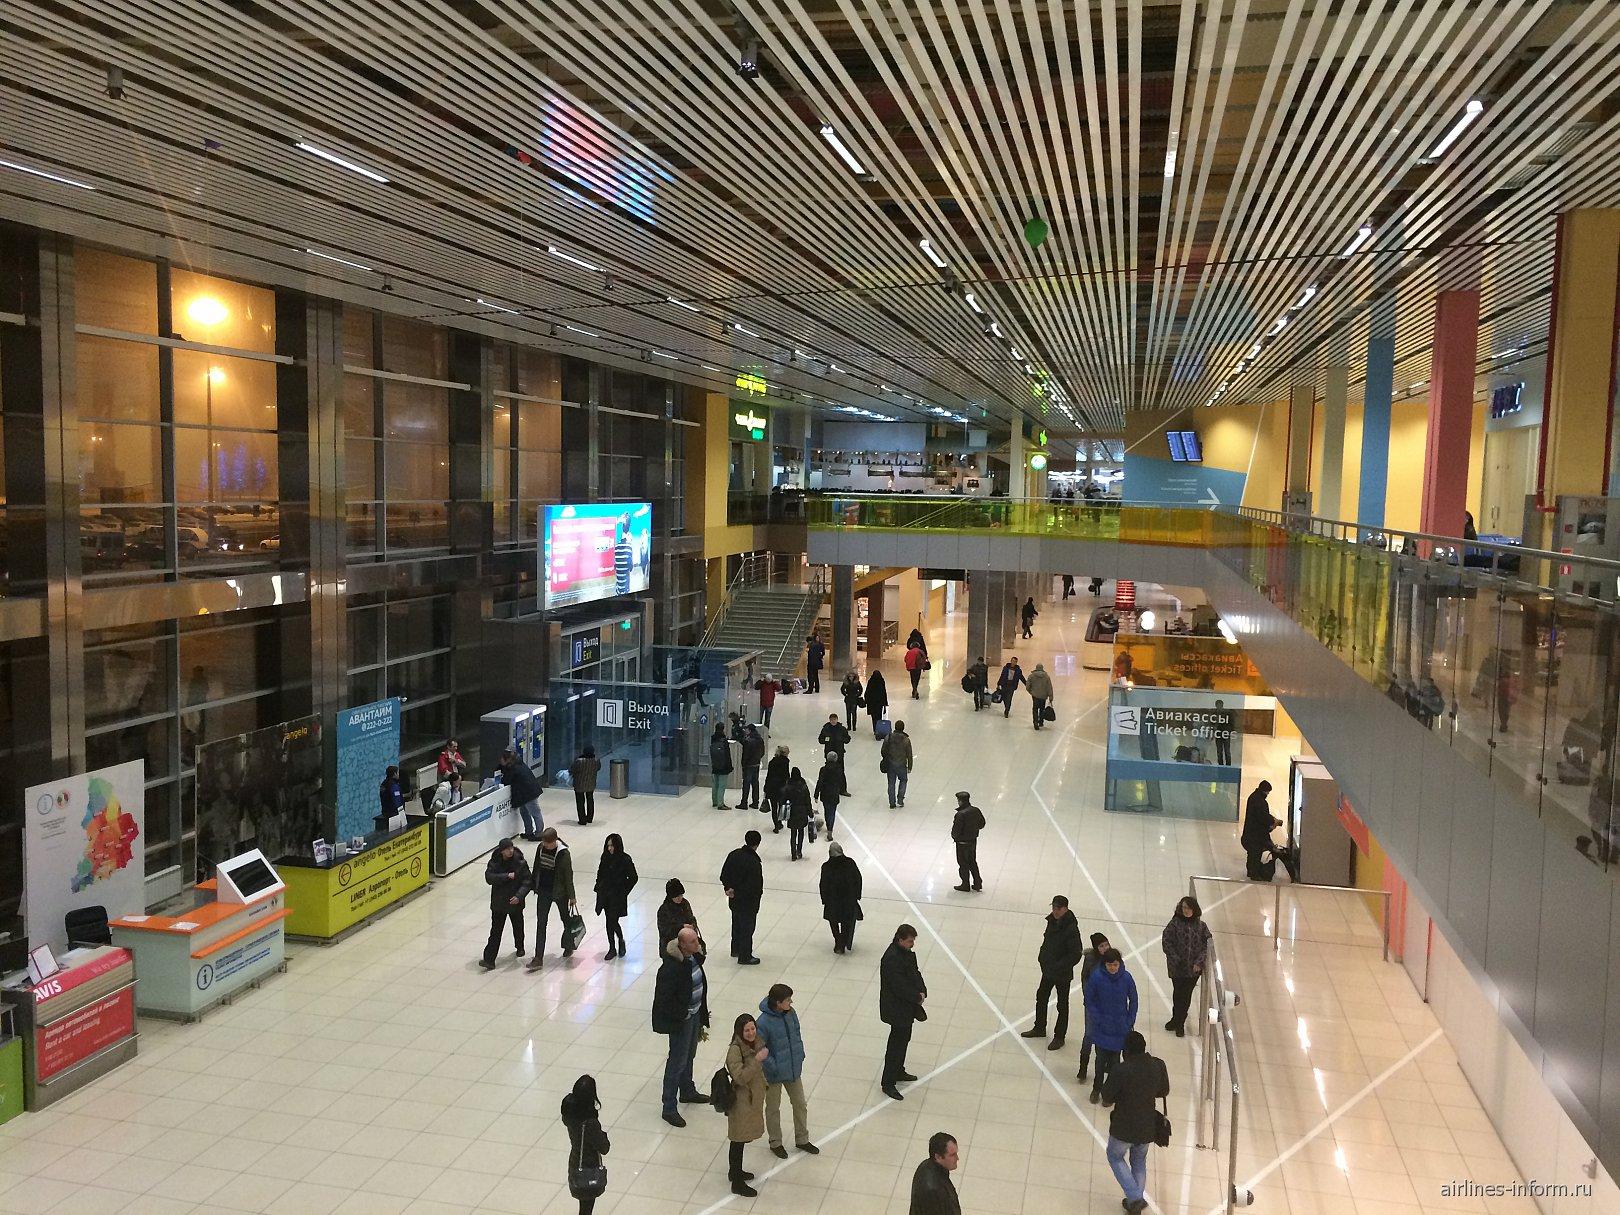 В аэровокзале аэропорта Екатеринбург Кольцово